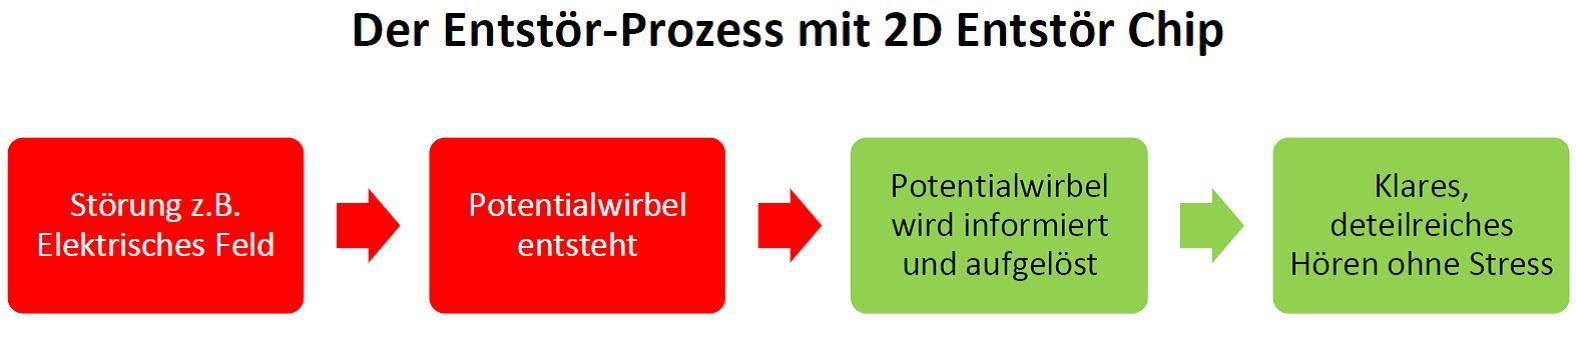 Ent-Störprozess Vortex HiFi 2D Chips